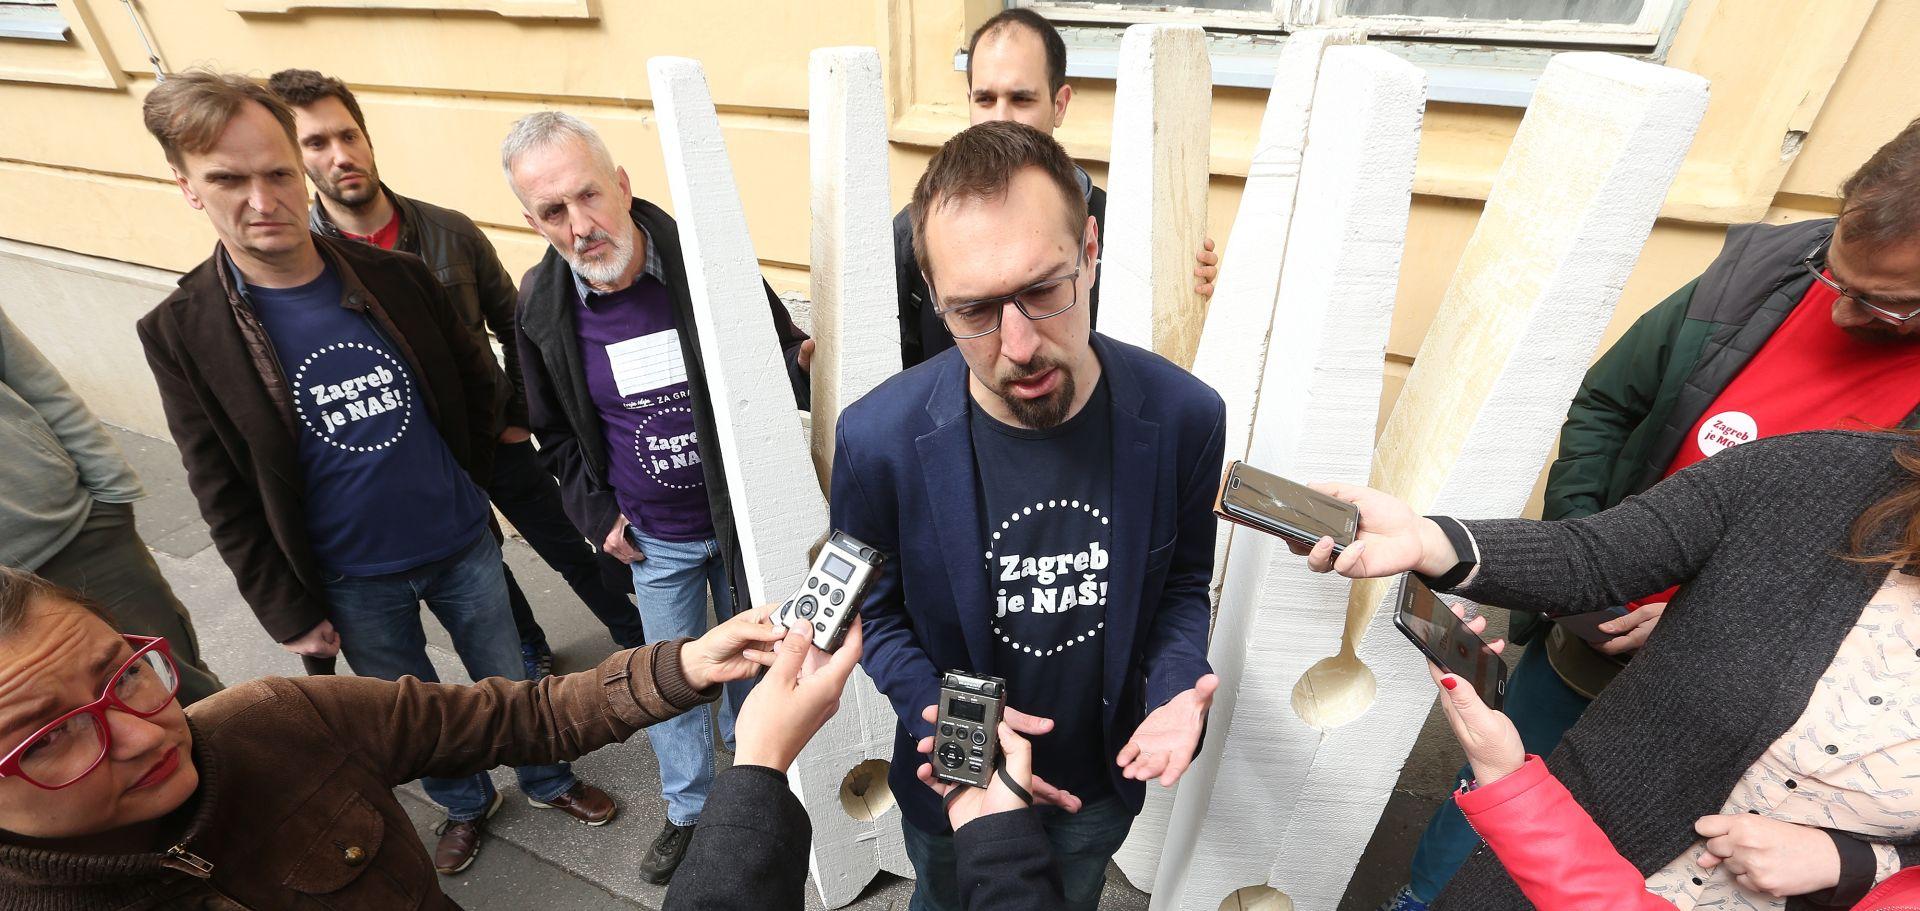 ZAGREB Sjednica Gradske skupštine, zadnja u mandatu, dočekana prosvjedima